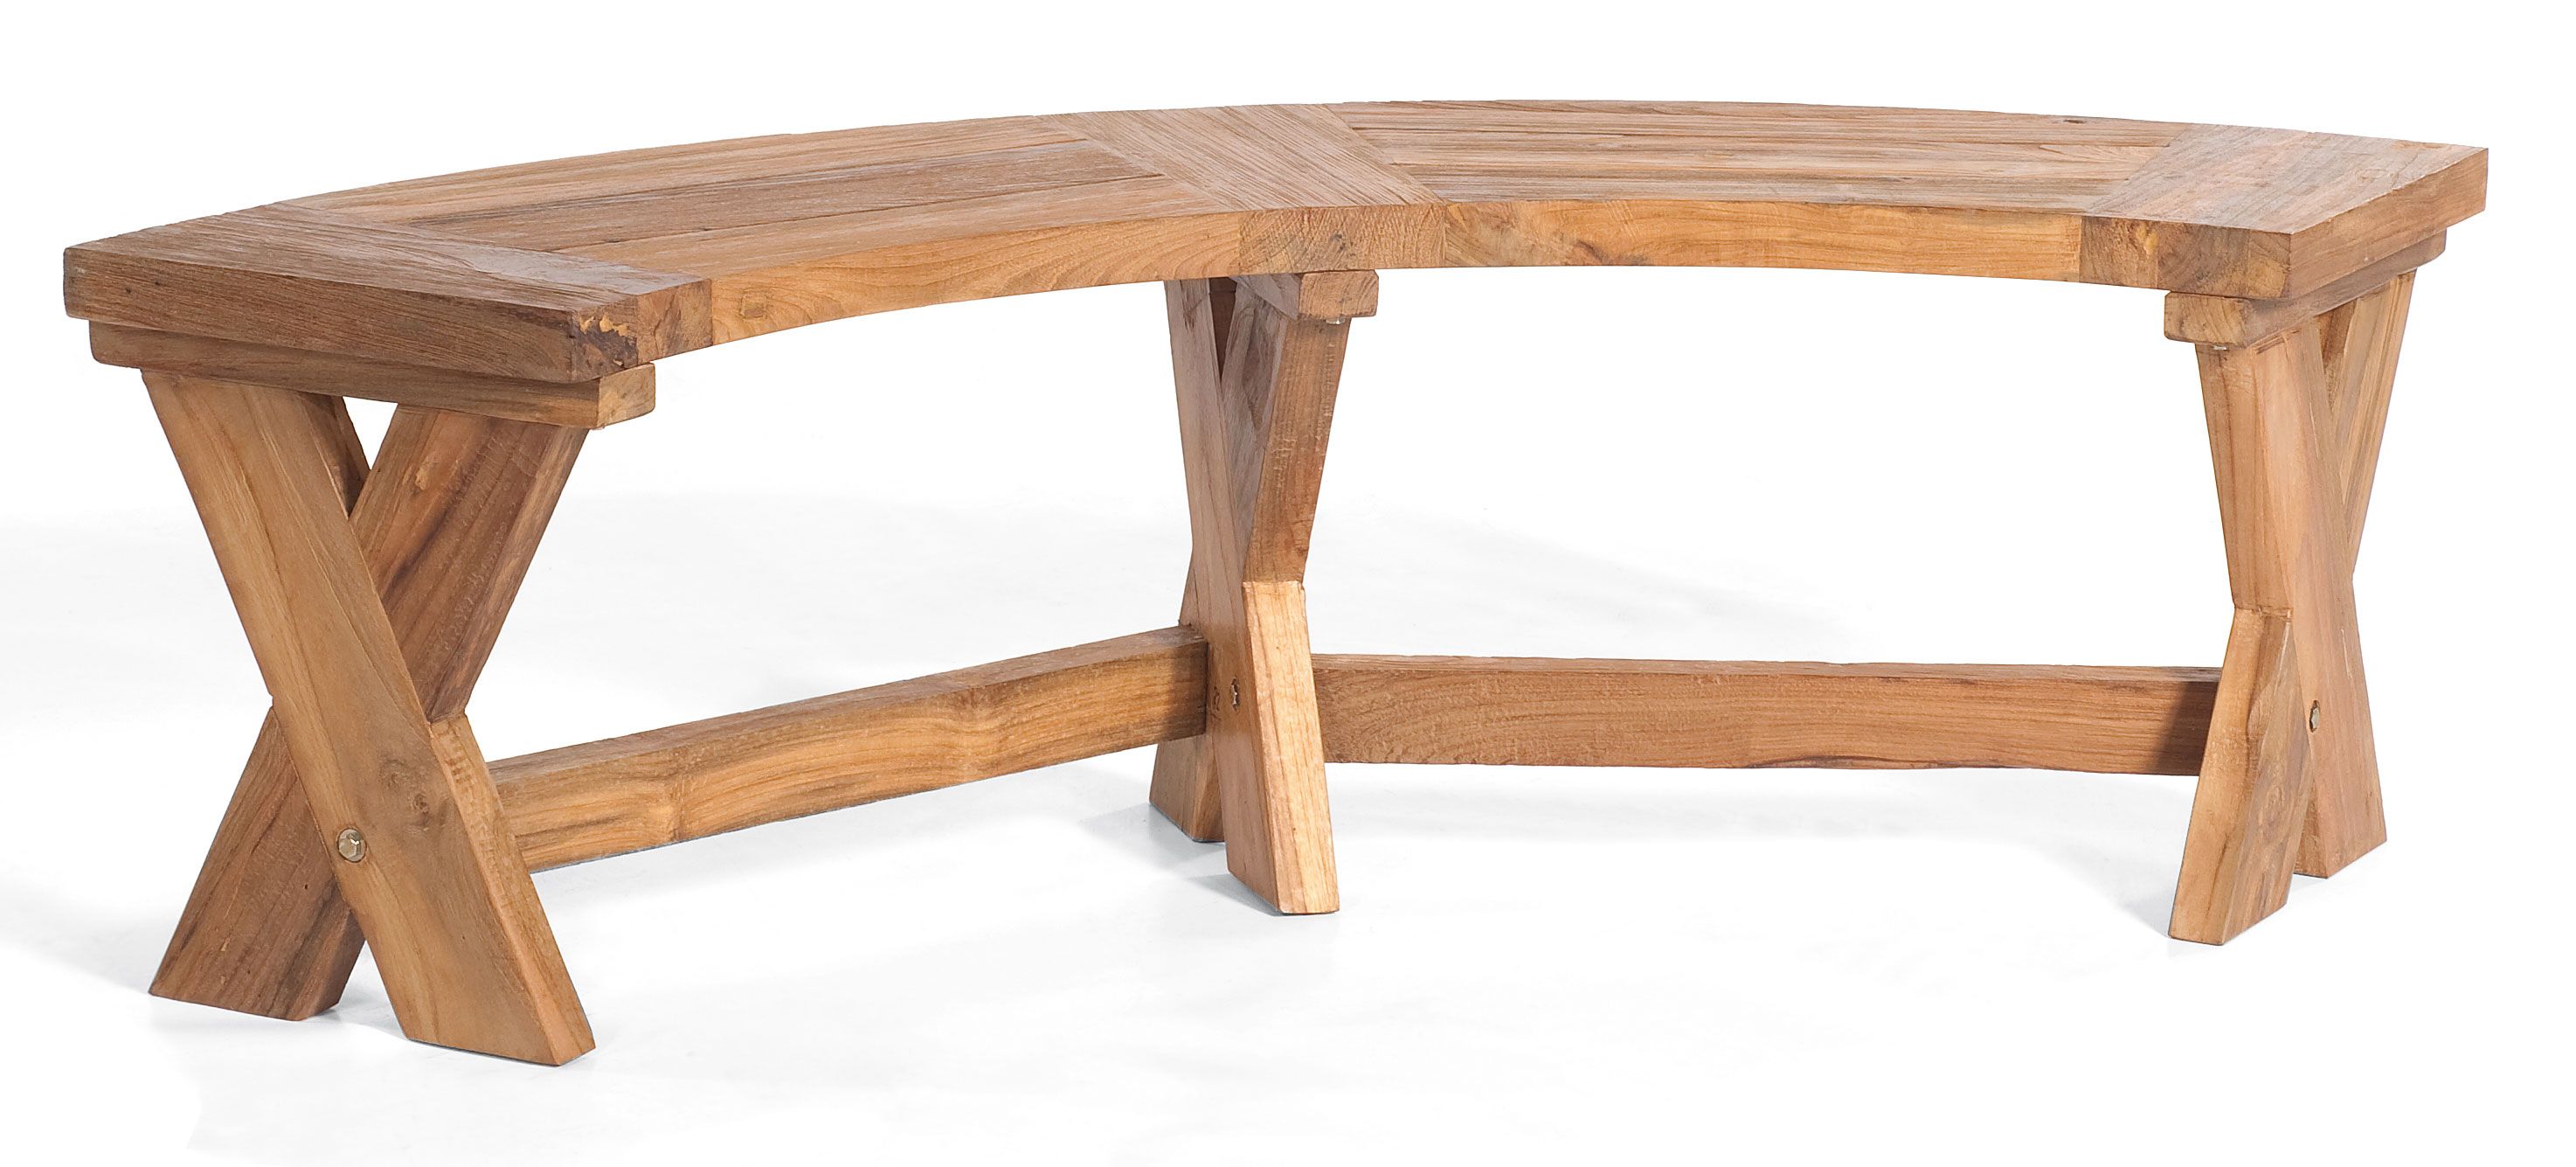 Holz gartenbank rund 034006 eine for Beistelltisch halbrund holz